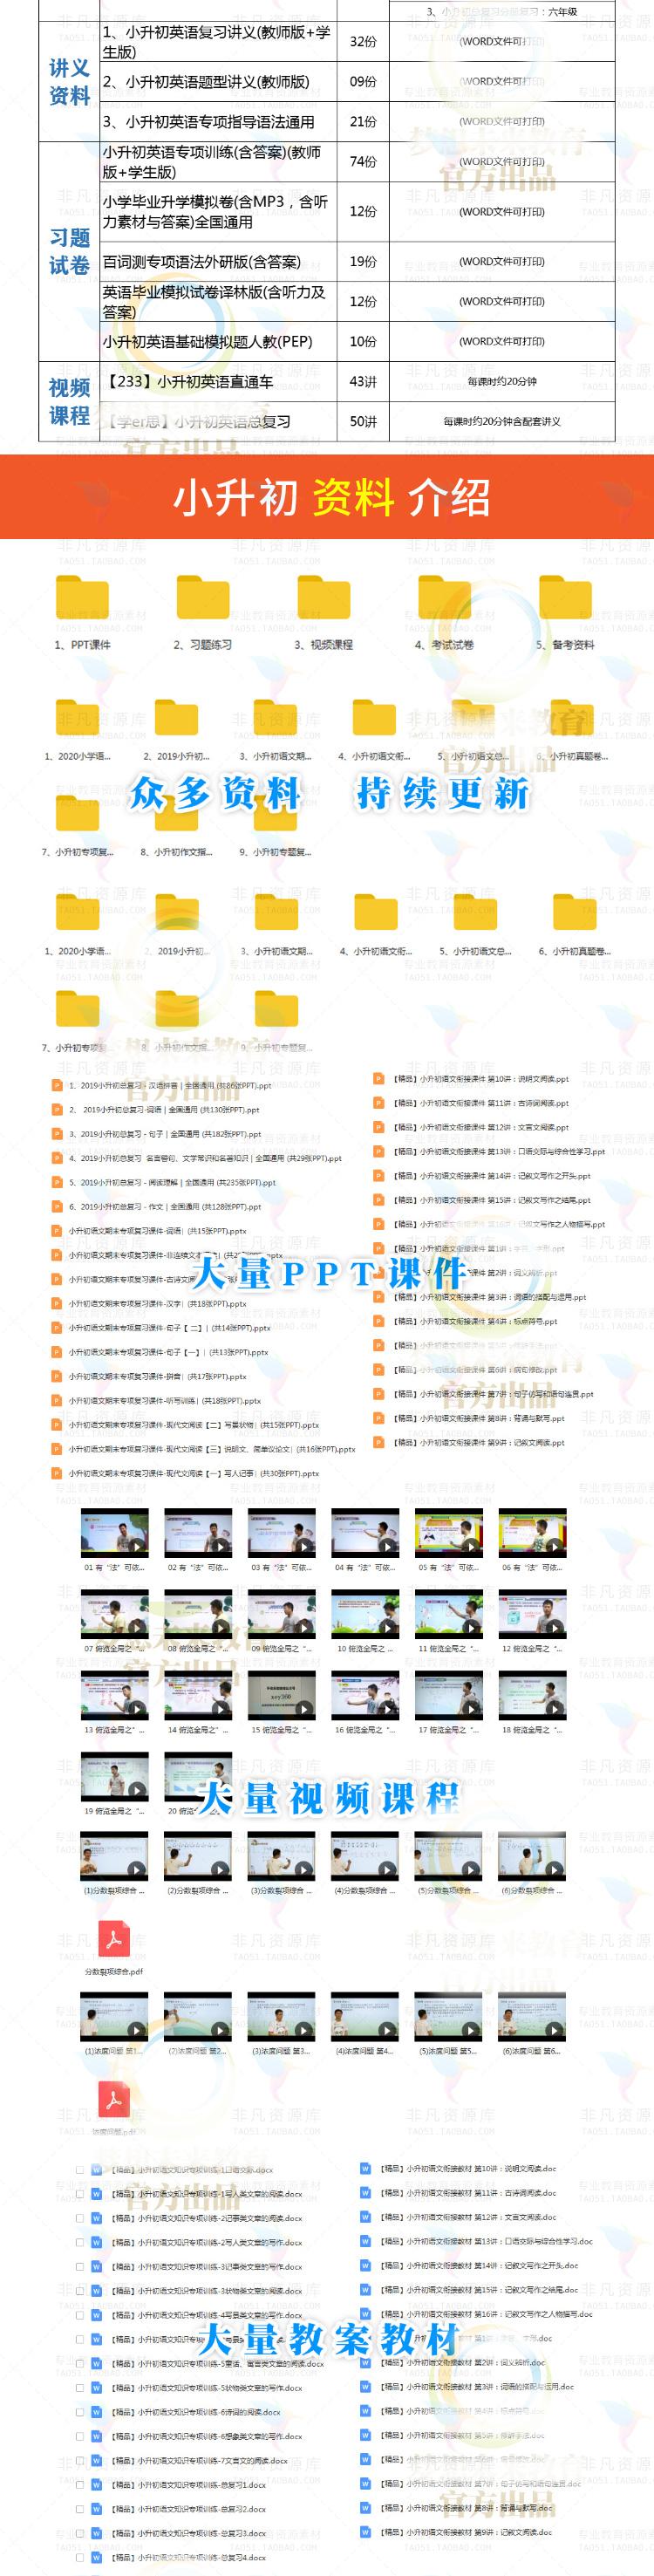 小升初语文数学英语衔接复习PPT课件讲义试卷电子版视频课下载1040